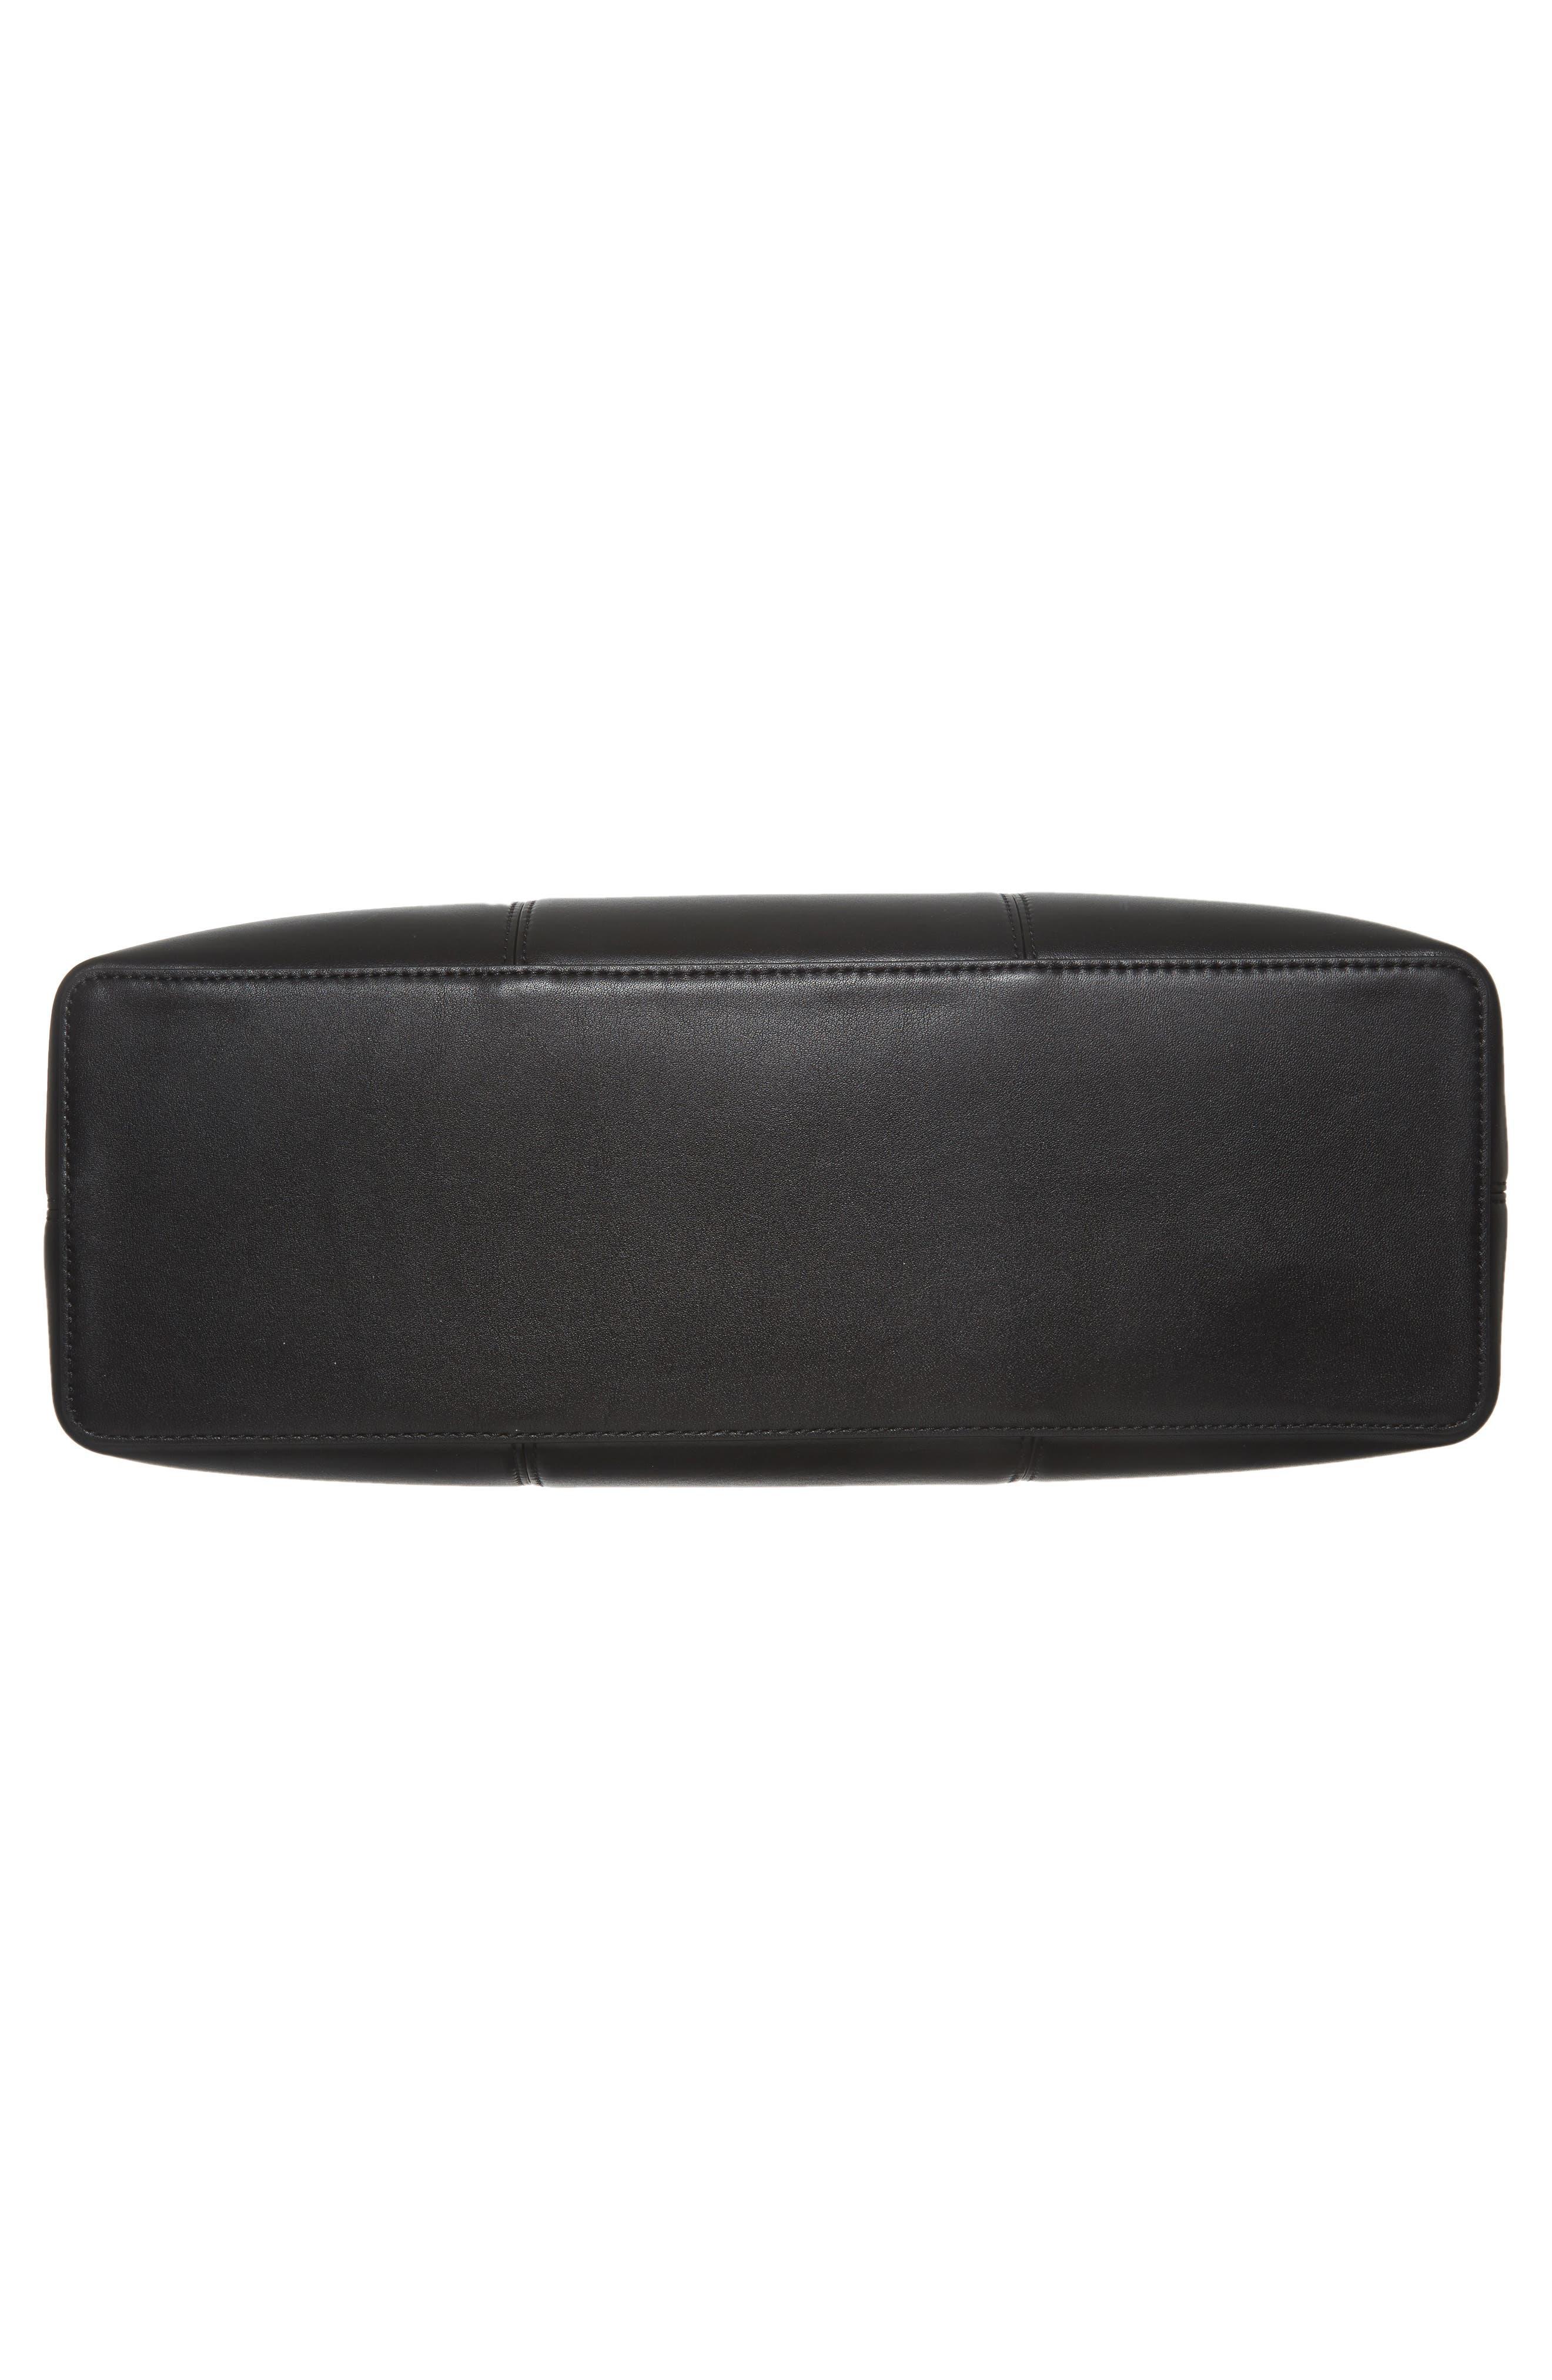 Block-T Leather Tote,                             Alternate thumbnail 6, color,                             BLACK/ BLACK